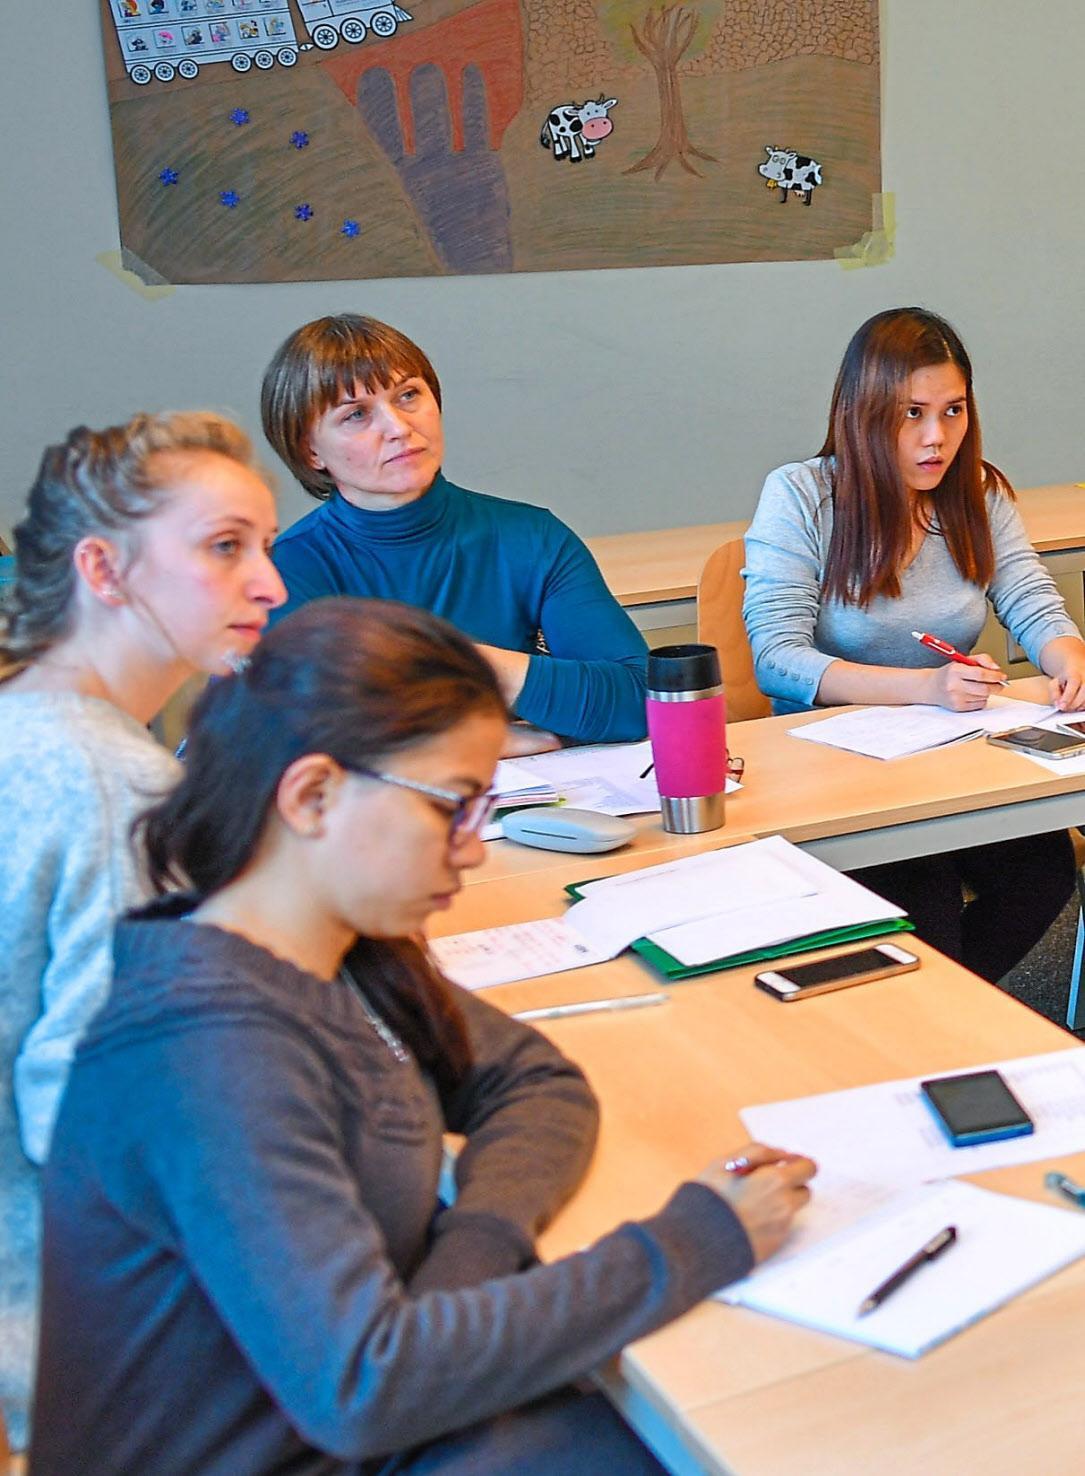 Lebenslanges Lernen: Wer besondere Qualifikationen vorweisen kann, erhöht damit seine Job-Chancen. Foto: Pleul/dpa